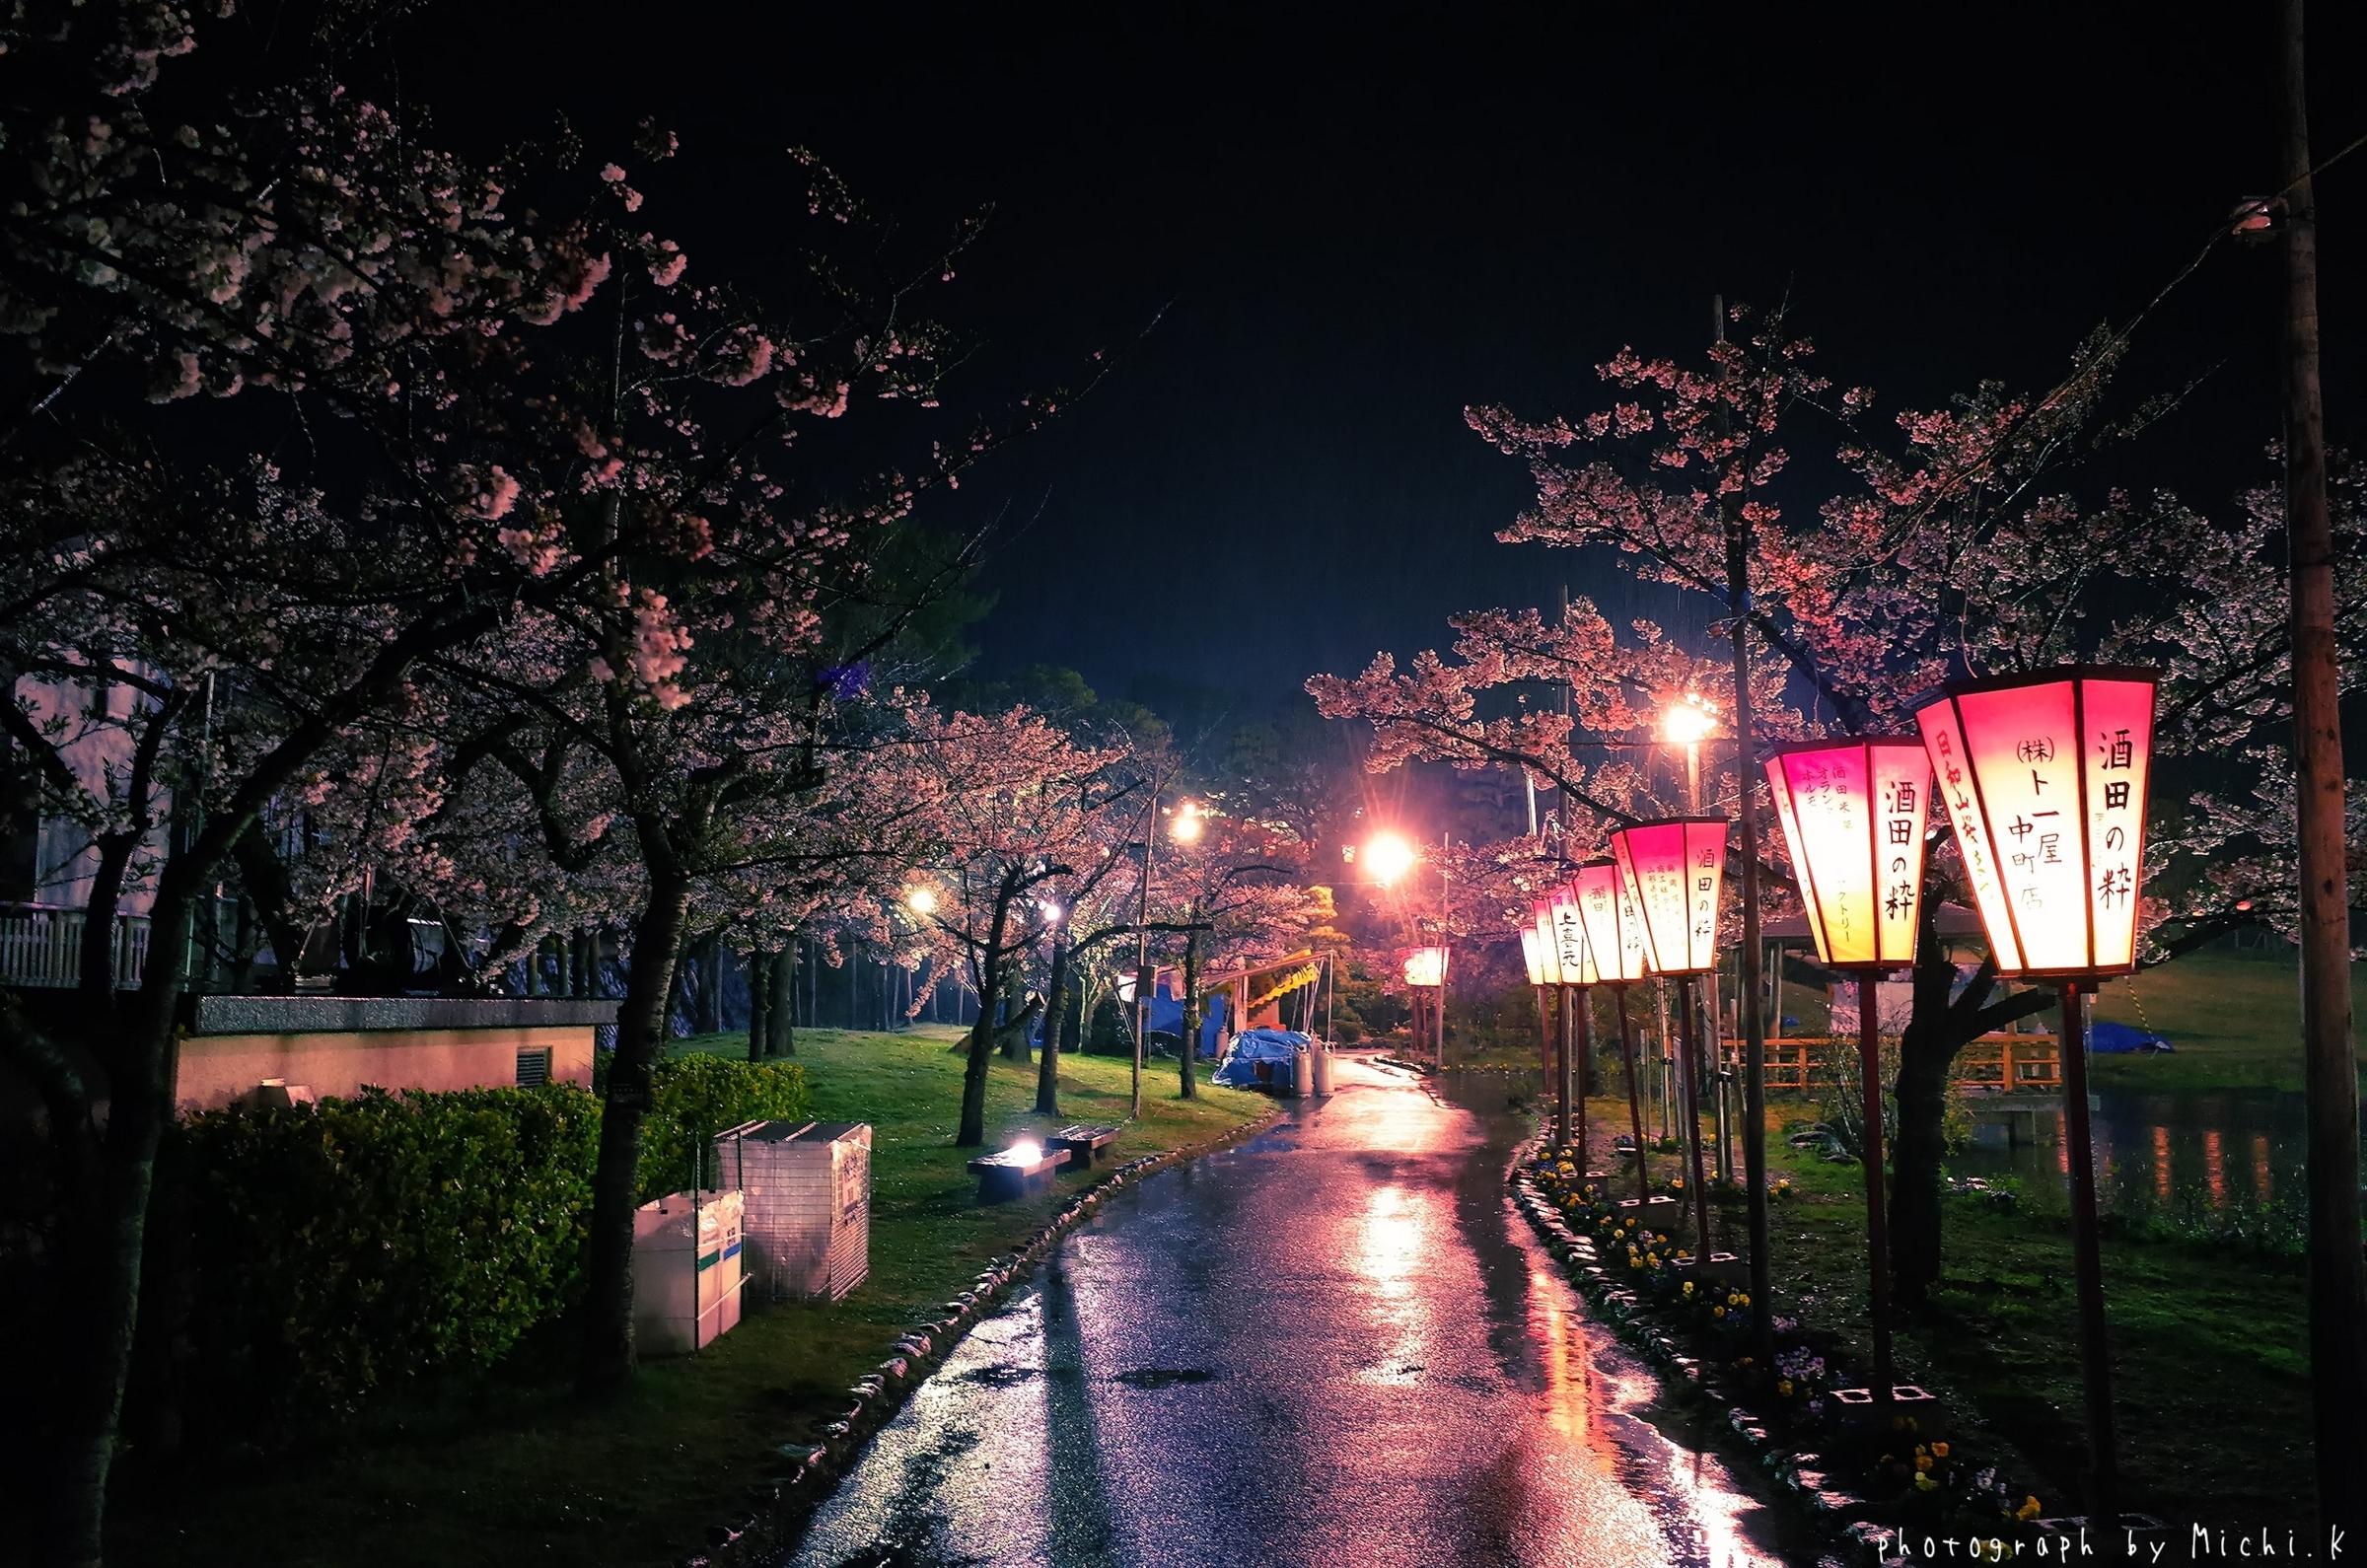 酒田市、夜桜の日和山公園2018-04-14(その2)